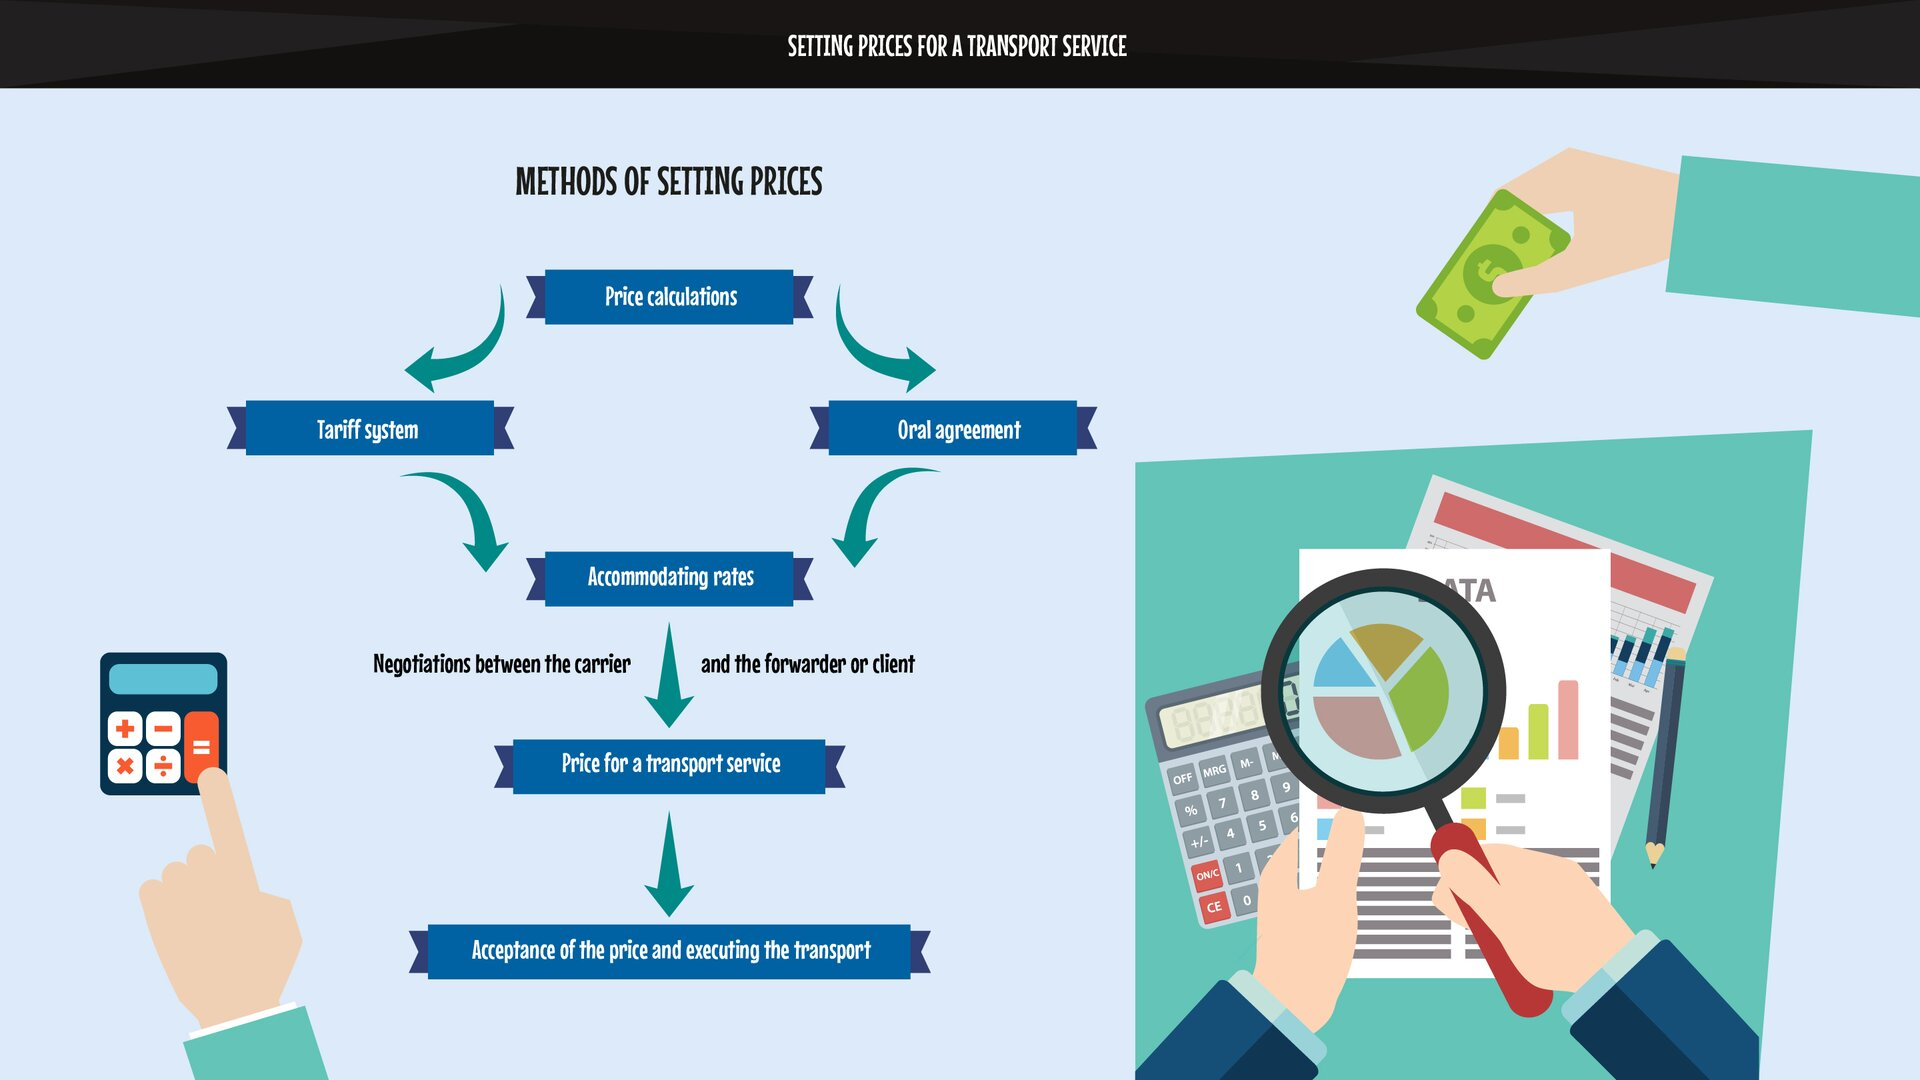 The graphics schematically present the method of setting prices for atransport service.Grafika przedstawia wsposób schematyczny przedstawia sposób wyznaczania cen za usługę transportową.